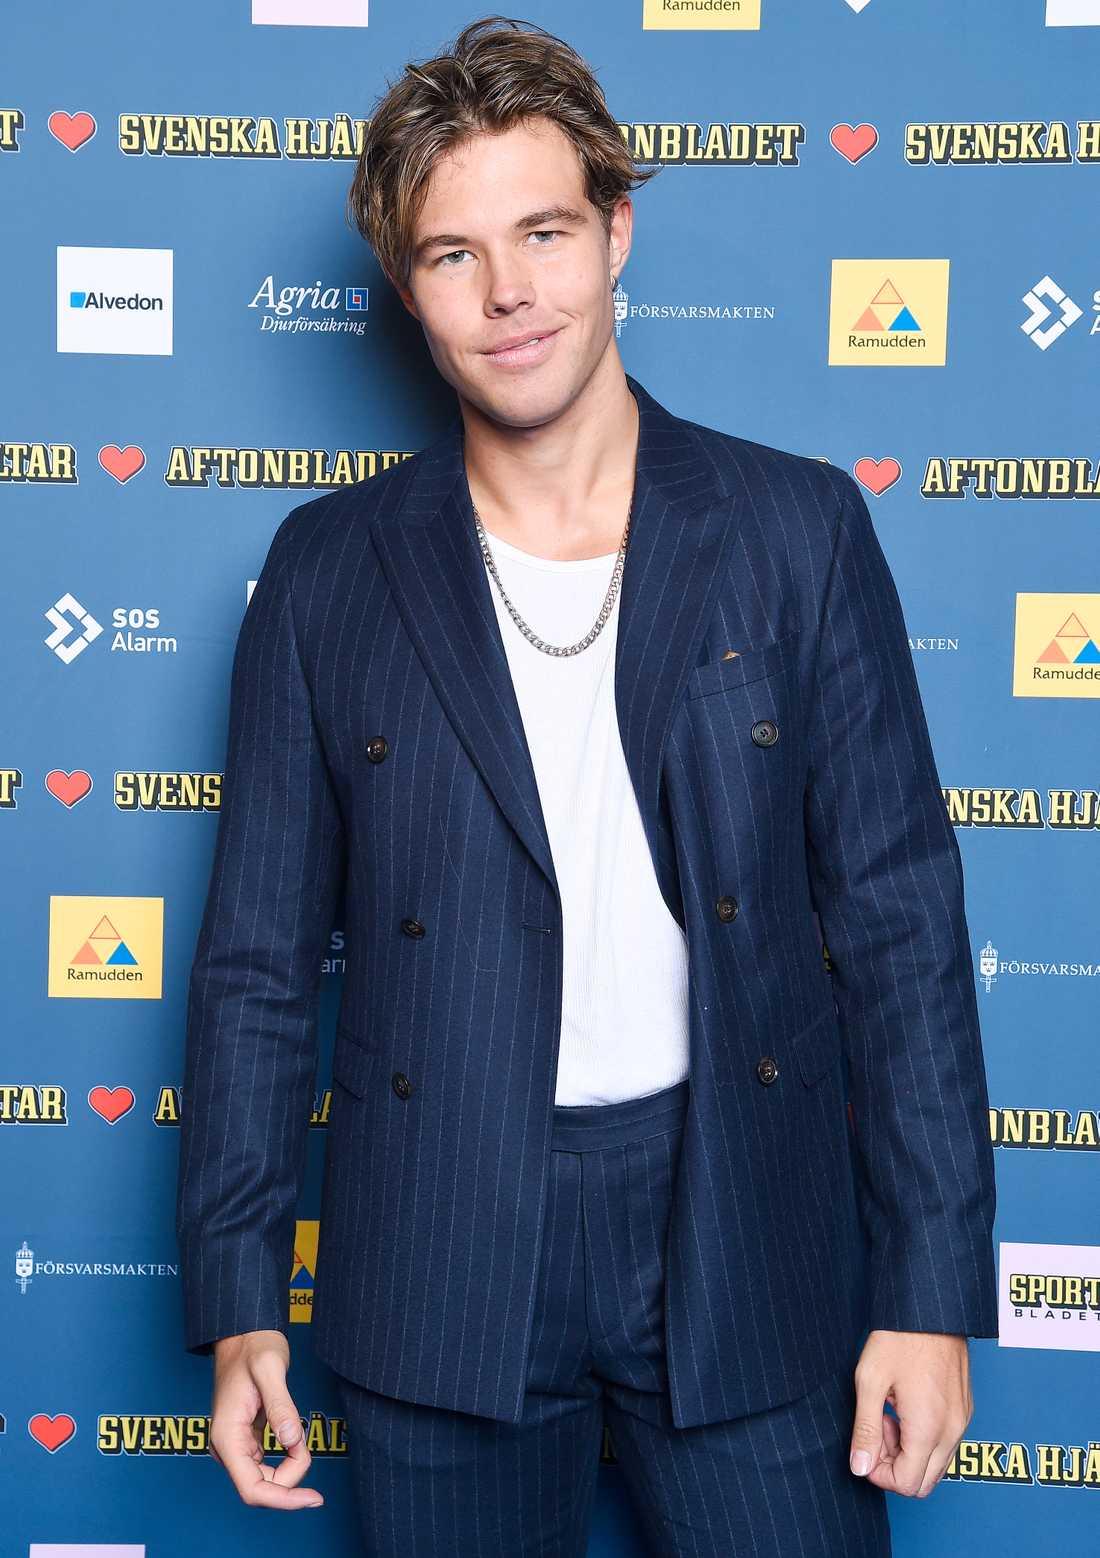 Andreas Wijk.